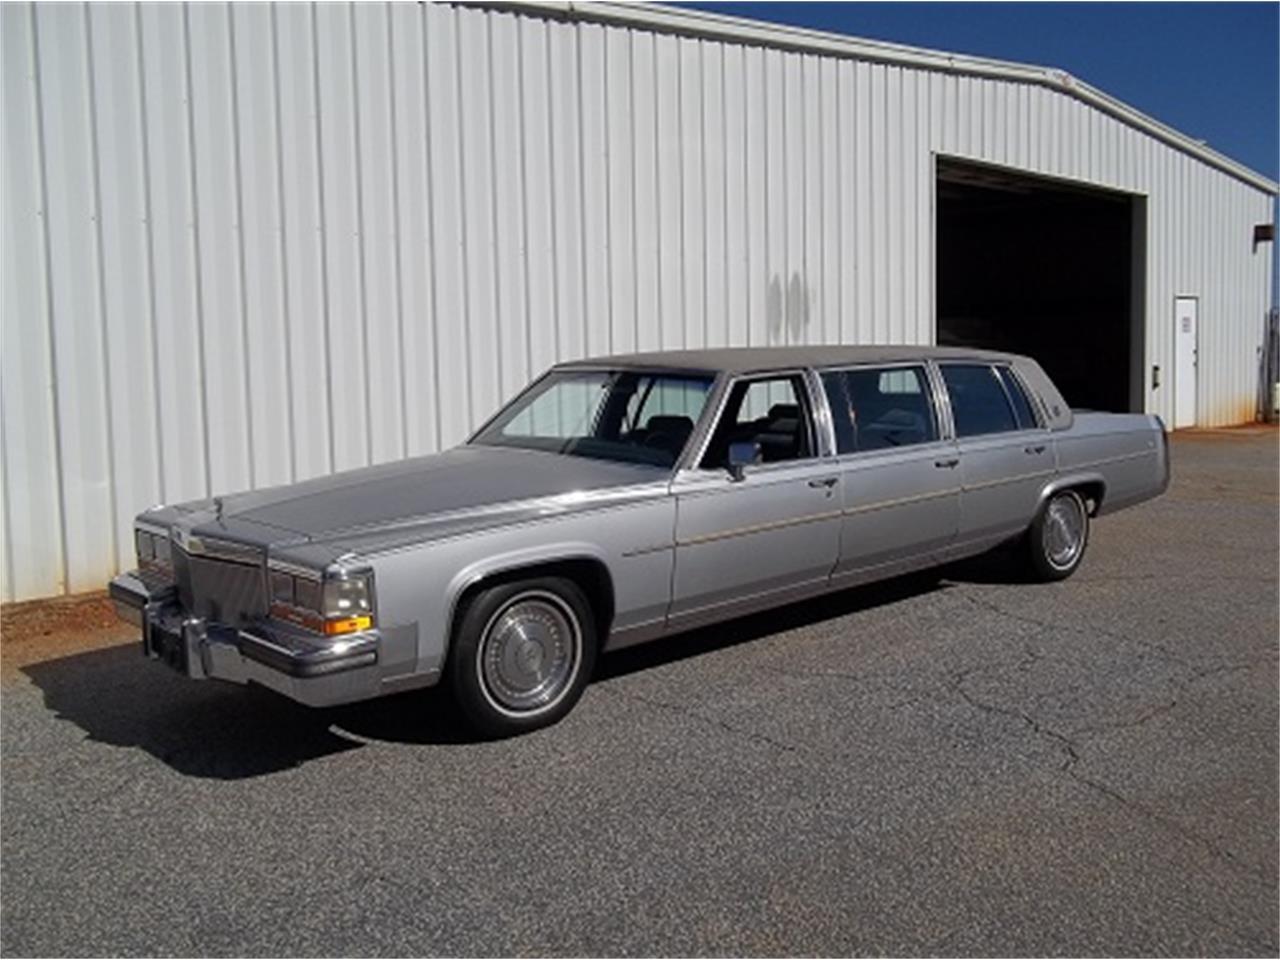 1989 Cadillac Limousine for Sale | ClassicCars.com | CC-972439